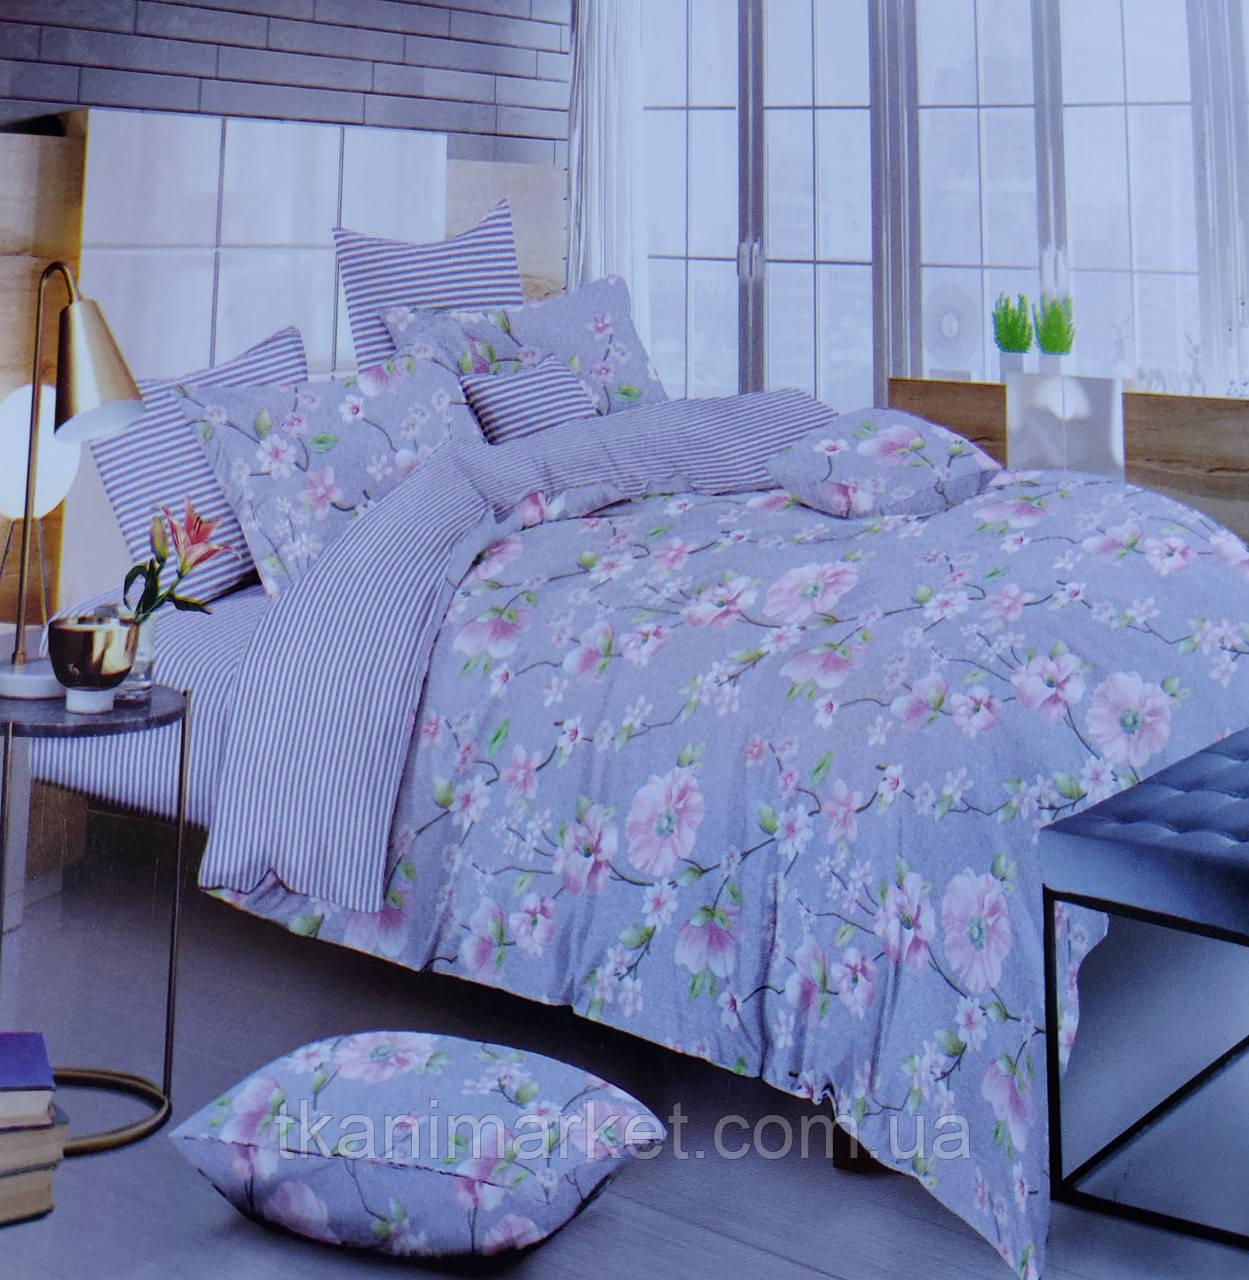 Бязь Gold Lux GL22 постельная ткань Пакистан